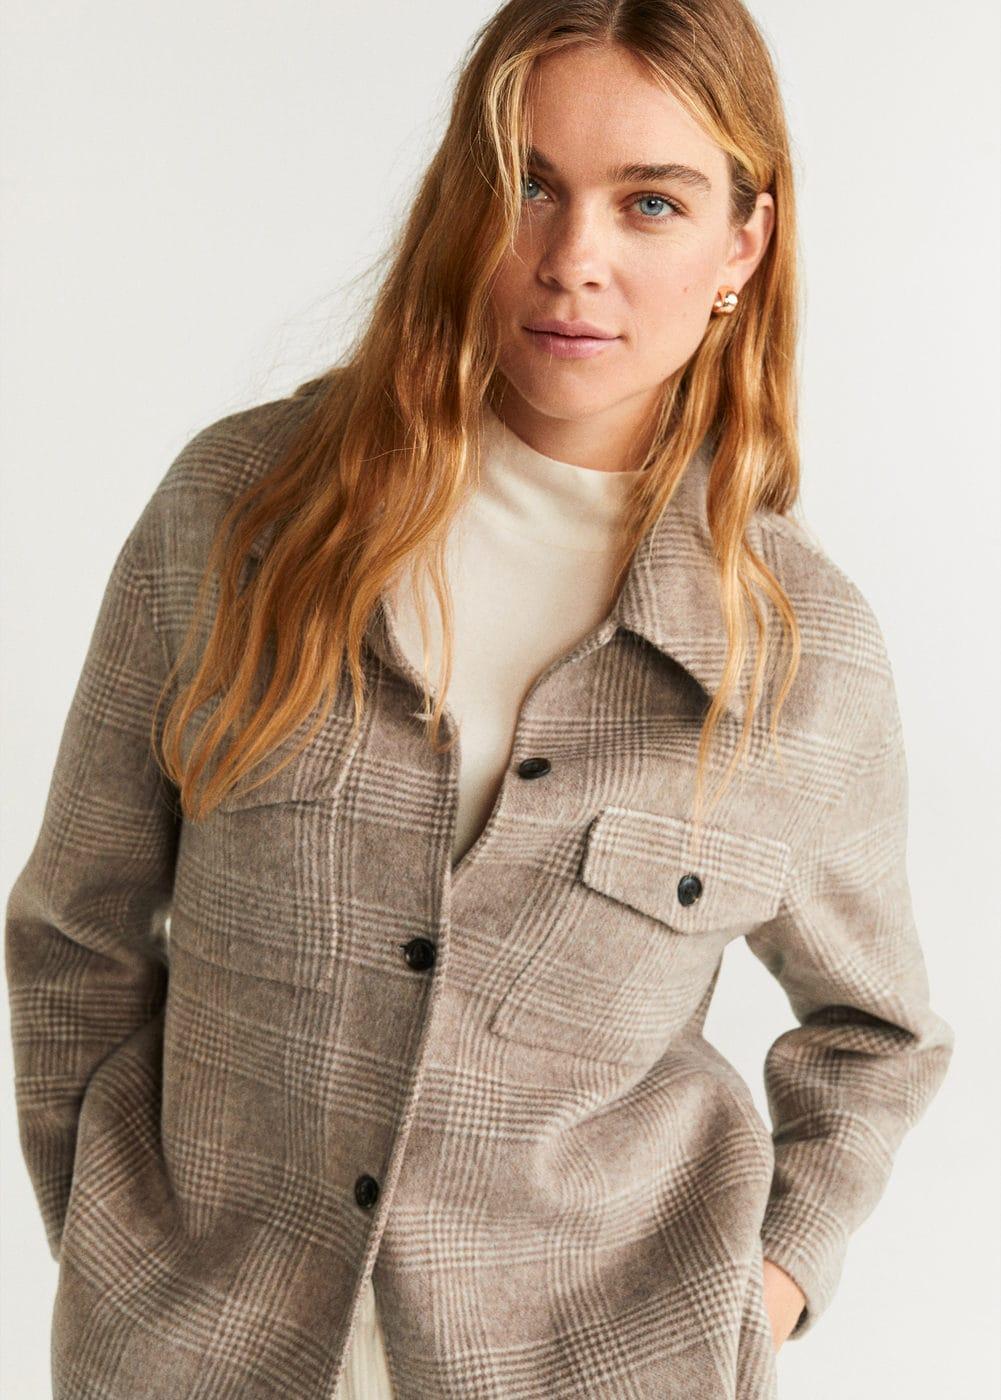 Jacke aus kariertem wollstoff - Damen | Mango Deutschland